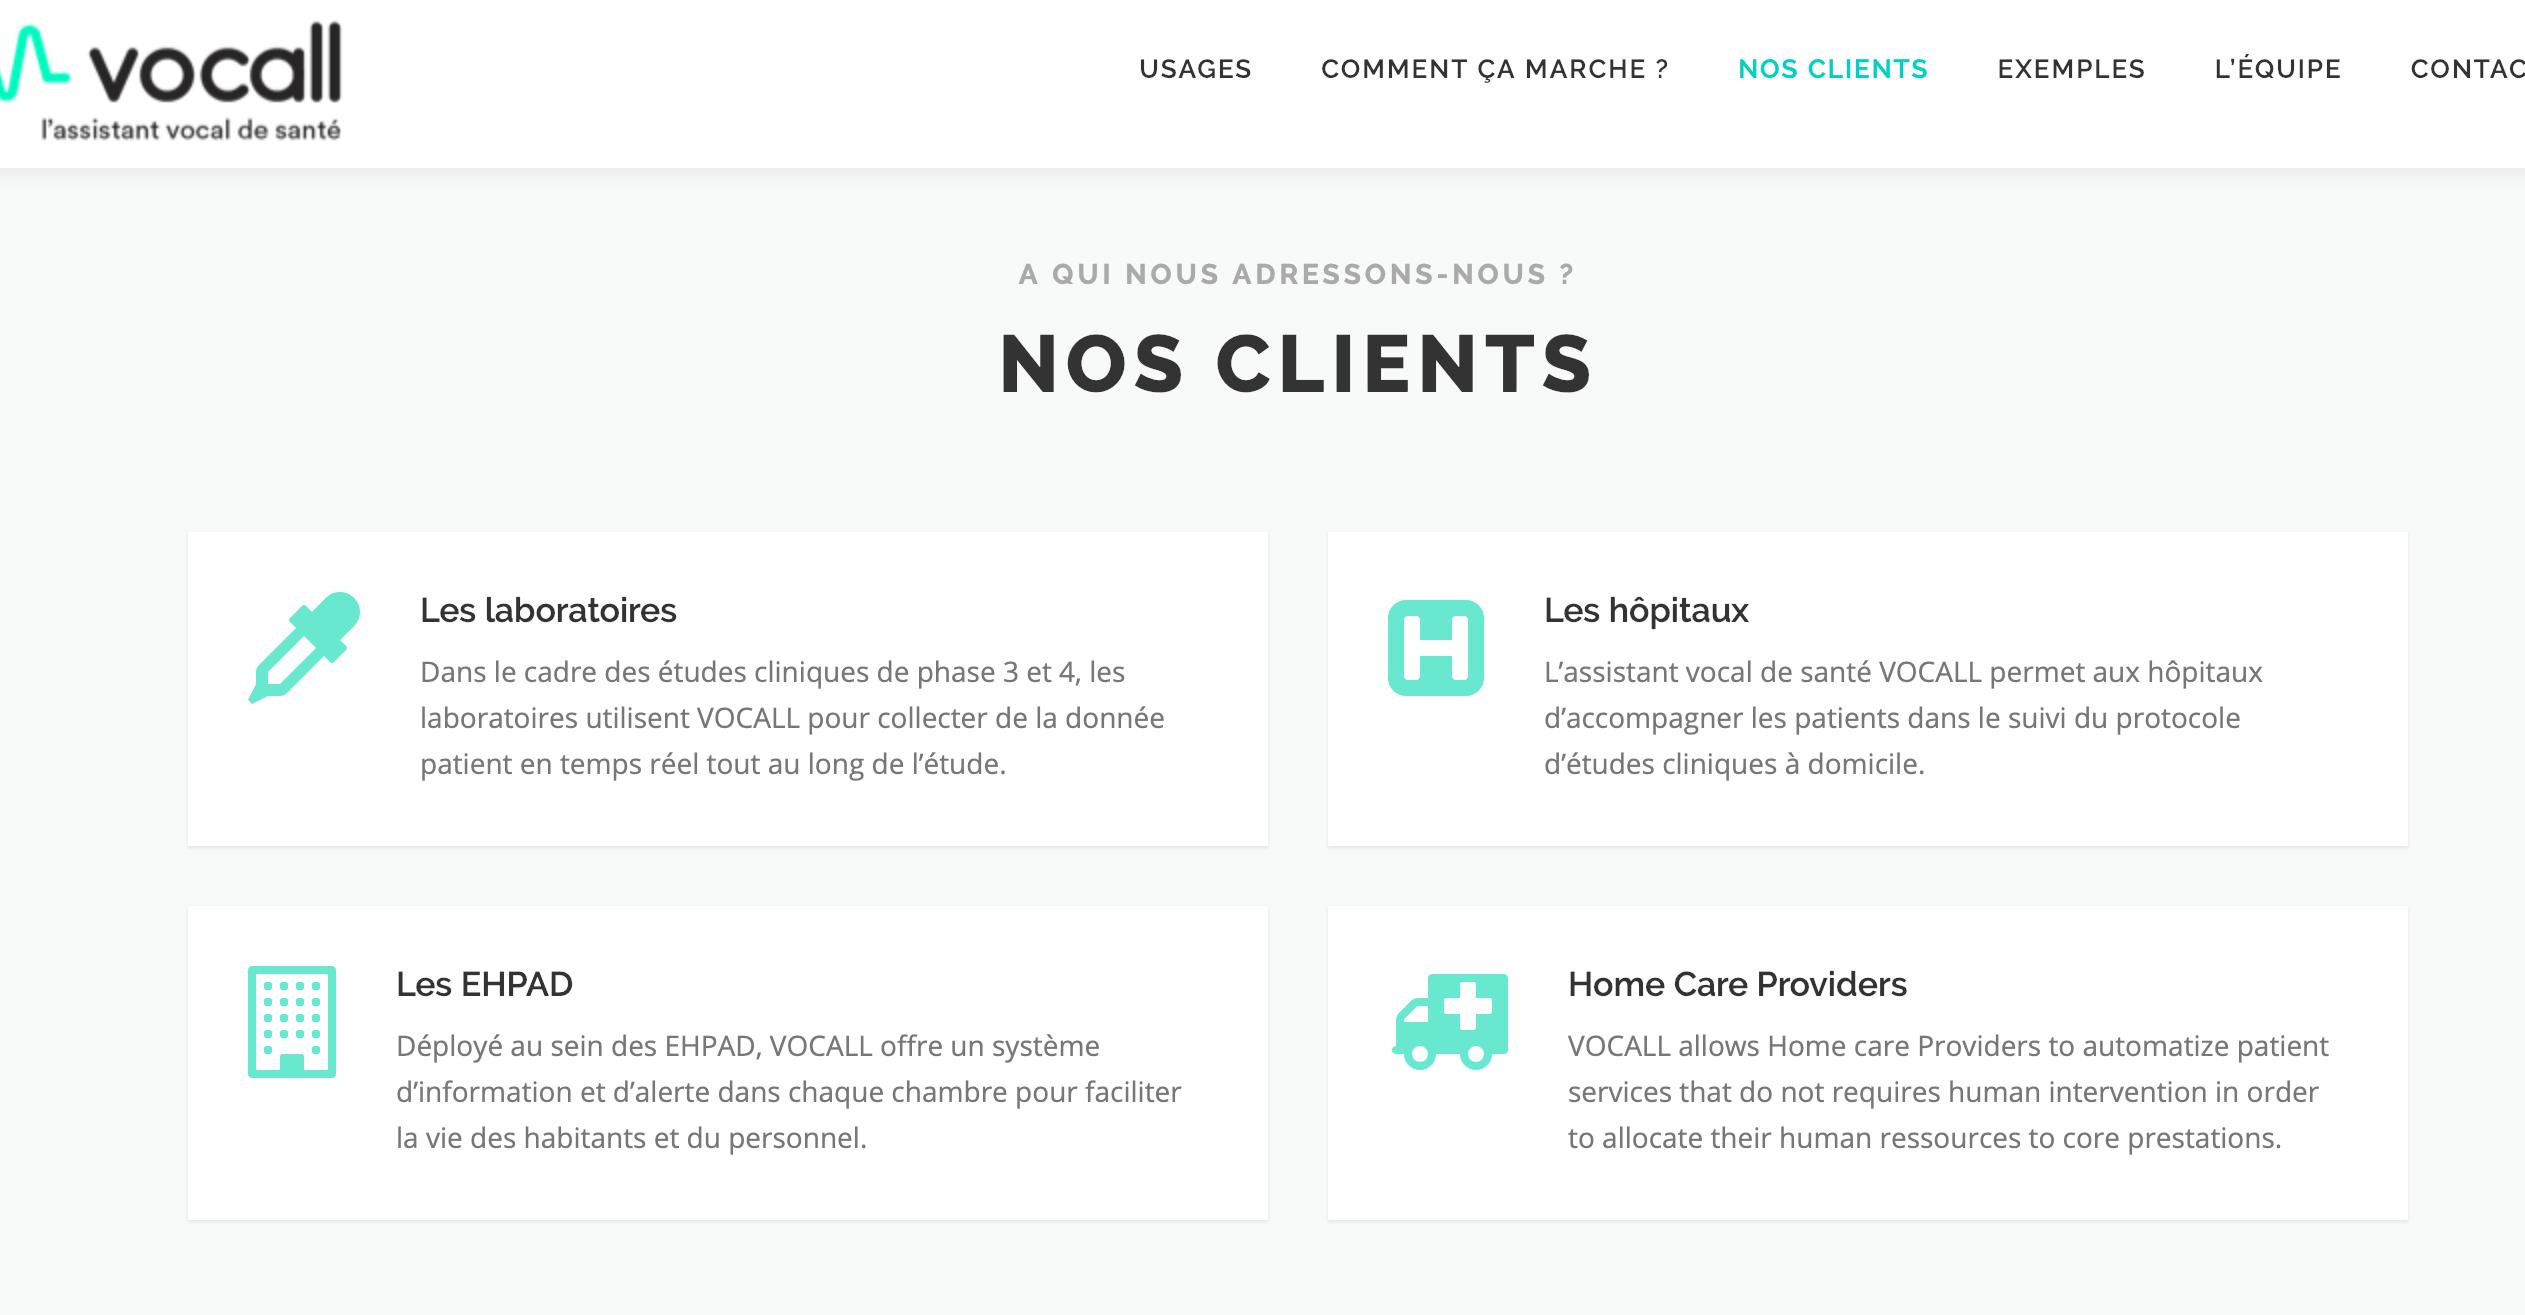 Holi : la startup française qui avait levé 800 000 € sur Kickstarter pour un réveil s'est volatilisée